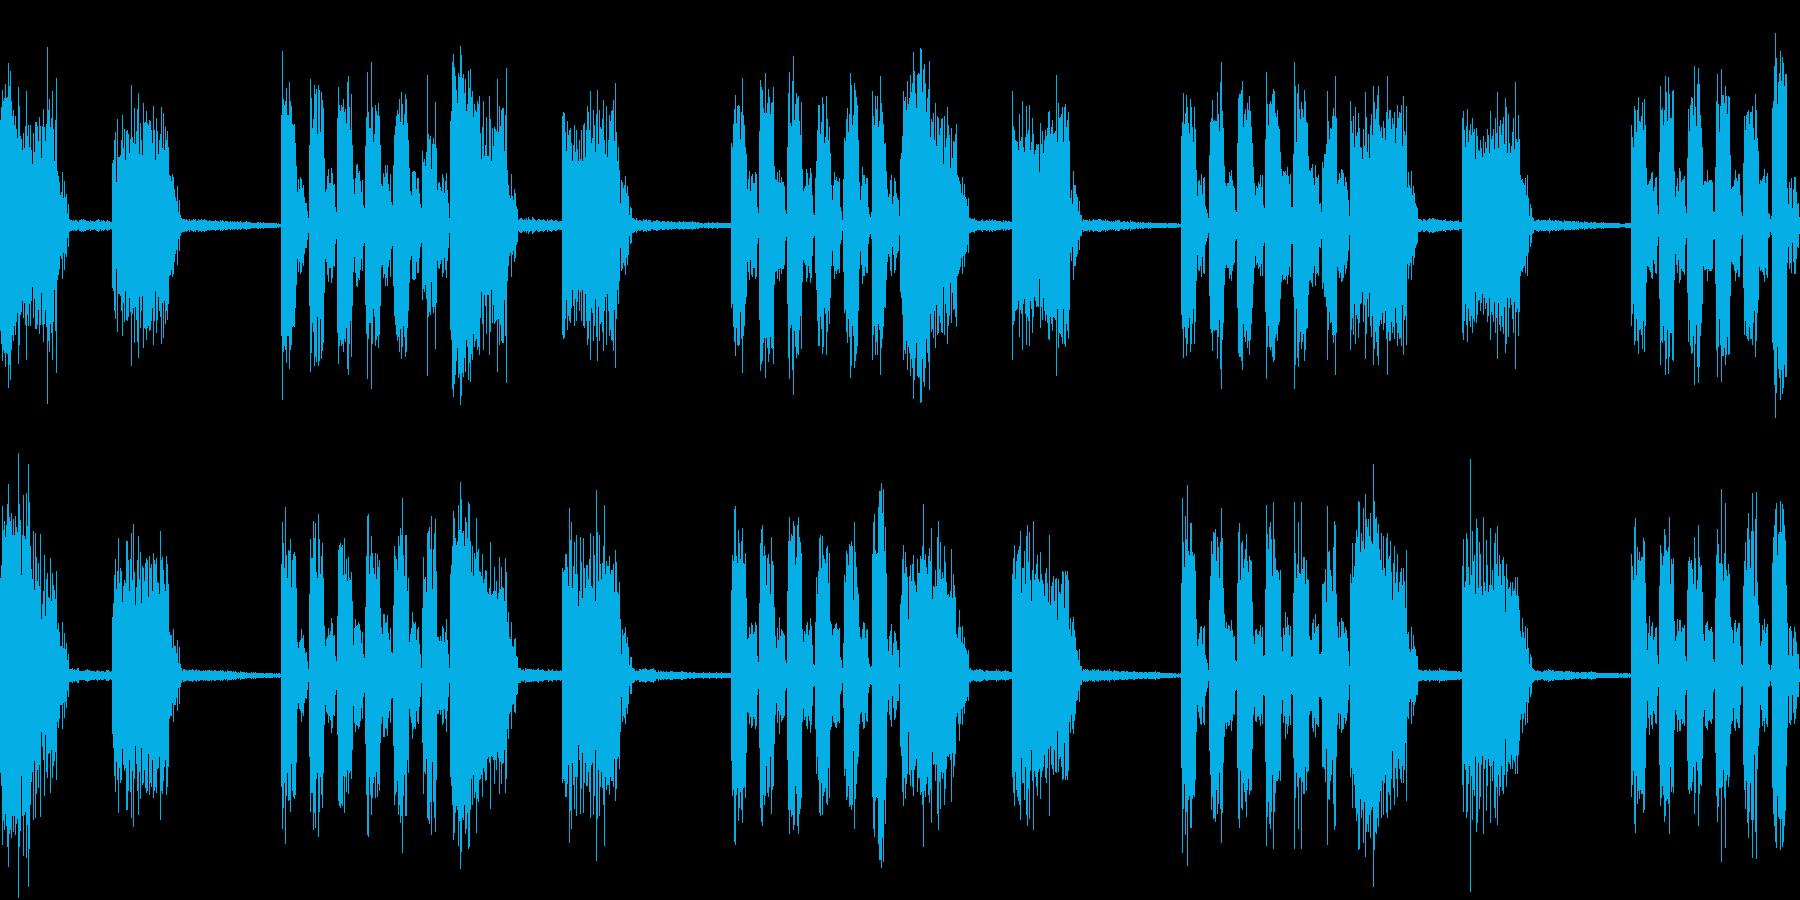 SFX デジタルボイスの不気味なループ+の再生済みの波形